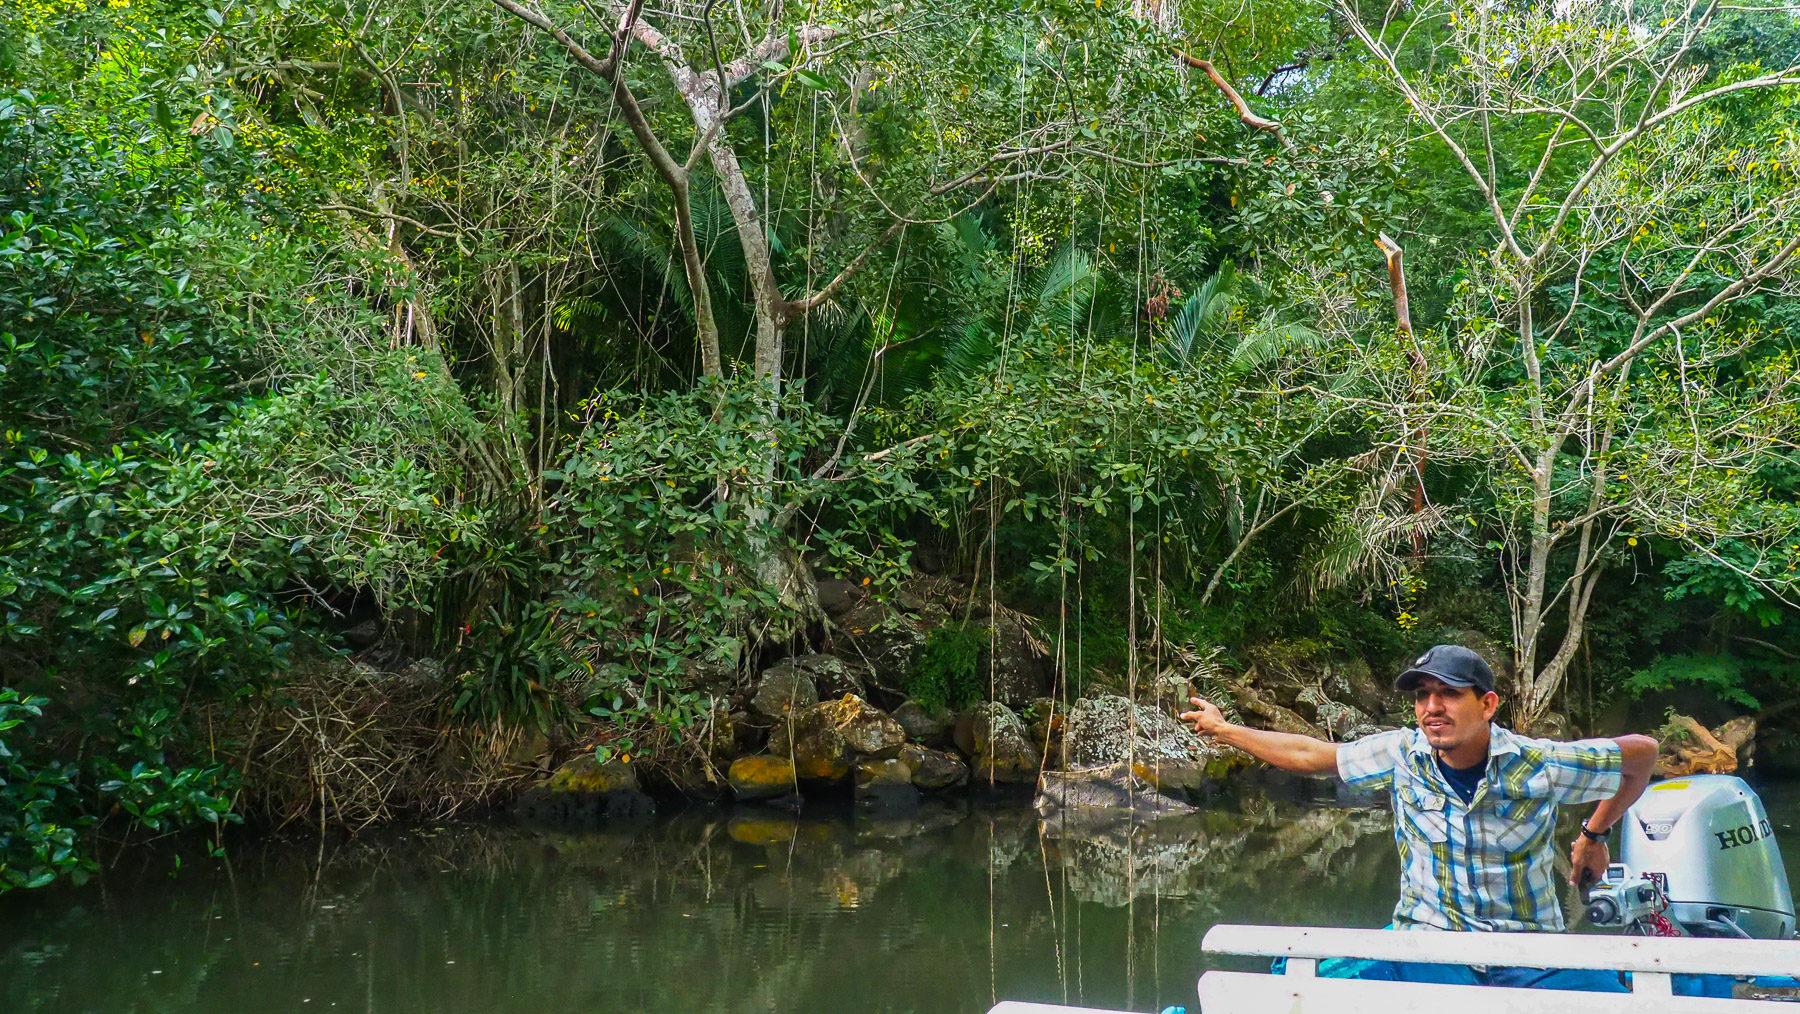 Unser Guide Felipe zeigt und erklärt uns alles mit Begeisterung